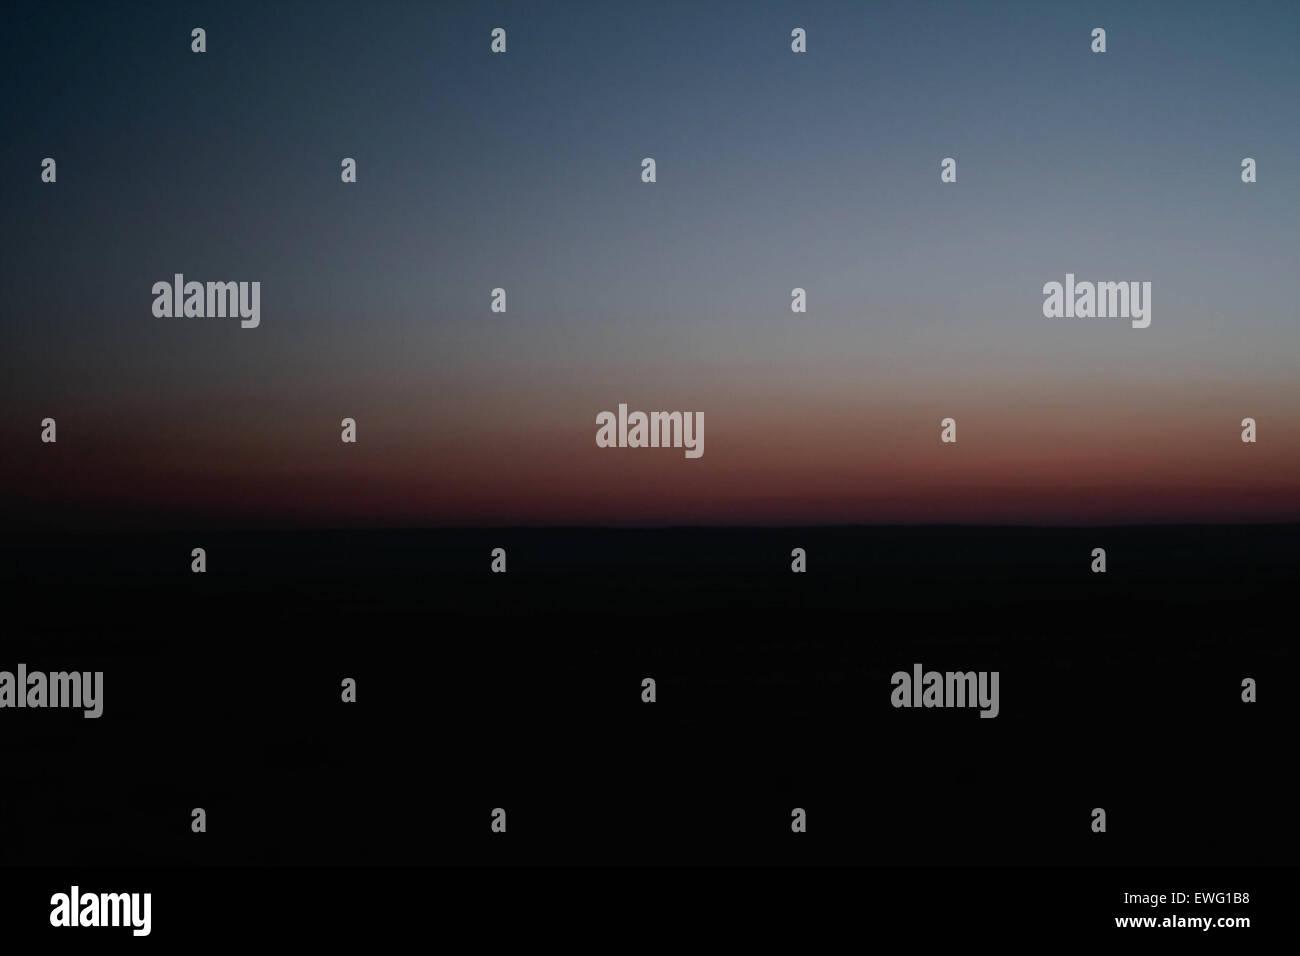 Minimalistische Landschaft von Sky vor Sonnenaufgang Farbverlauf Horizont minimalistischen Hintergrund Dawn Landschaft Stockbild